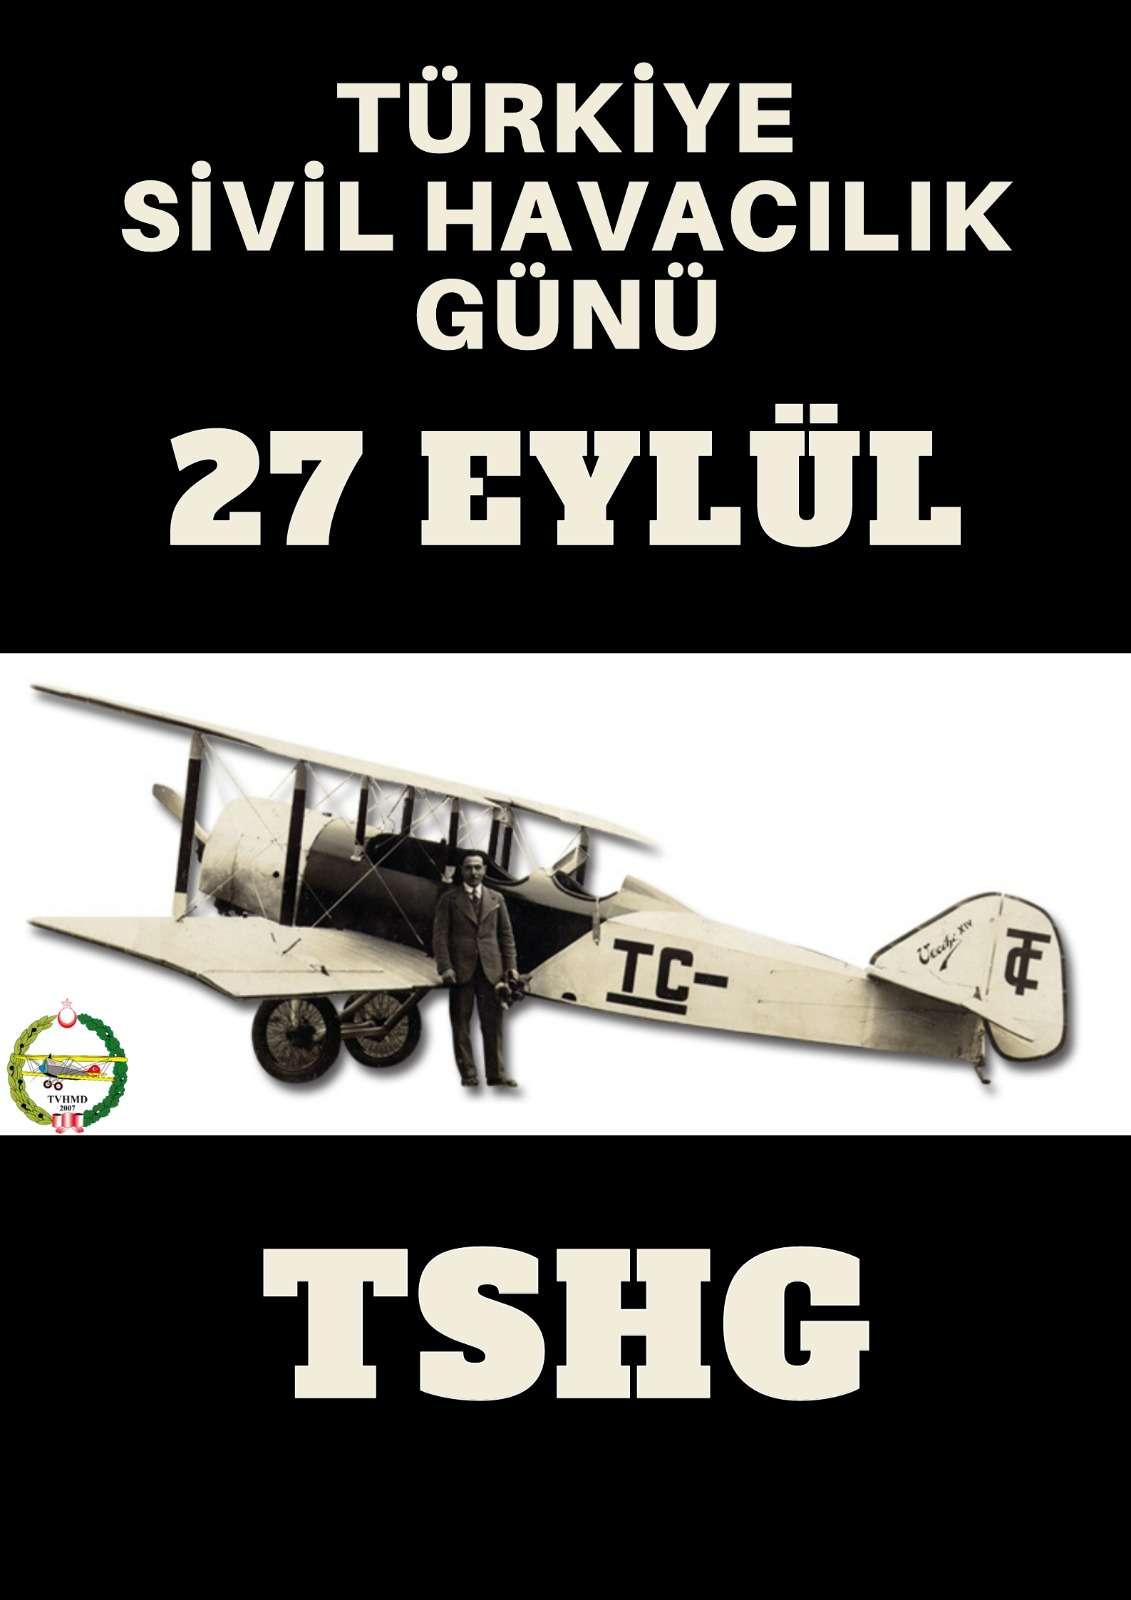 27 Eylül TSHG afiş